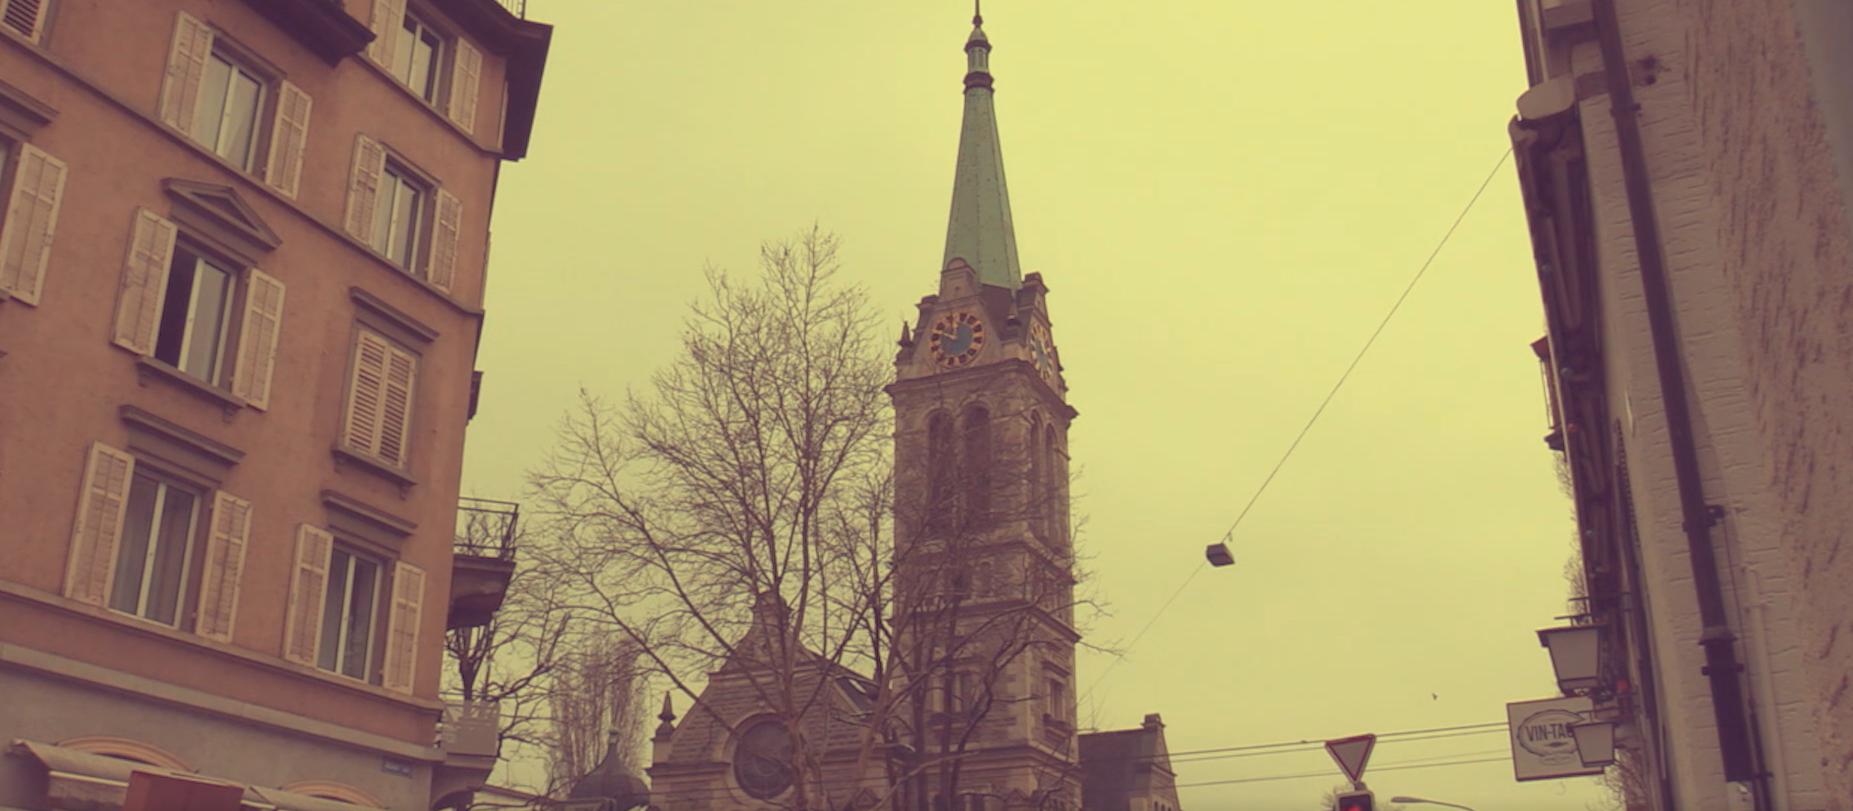 Der Stadtverband der reformierten Kirche Zürich setzt auf Infoma newsystem